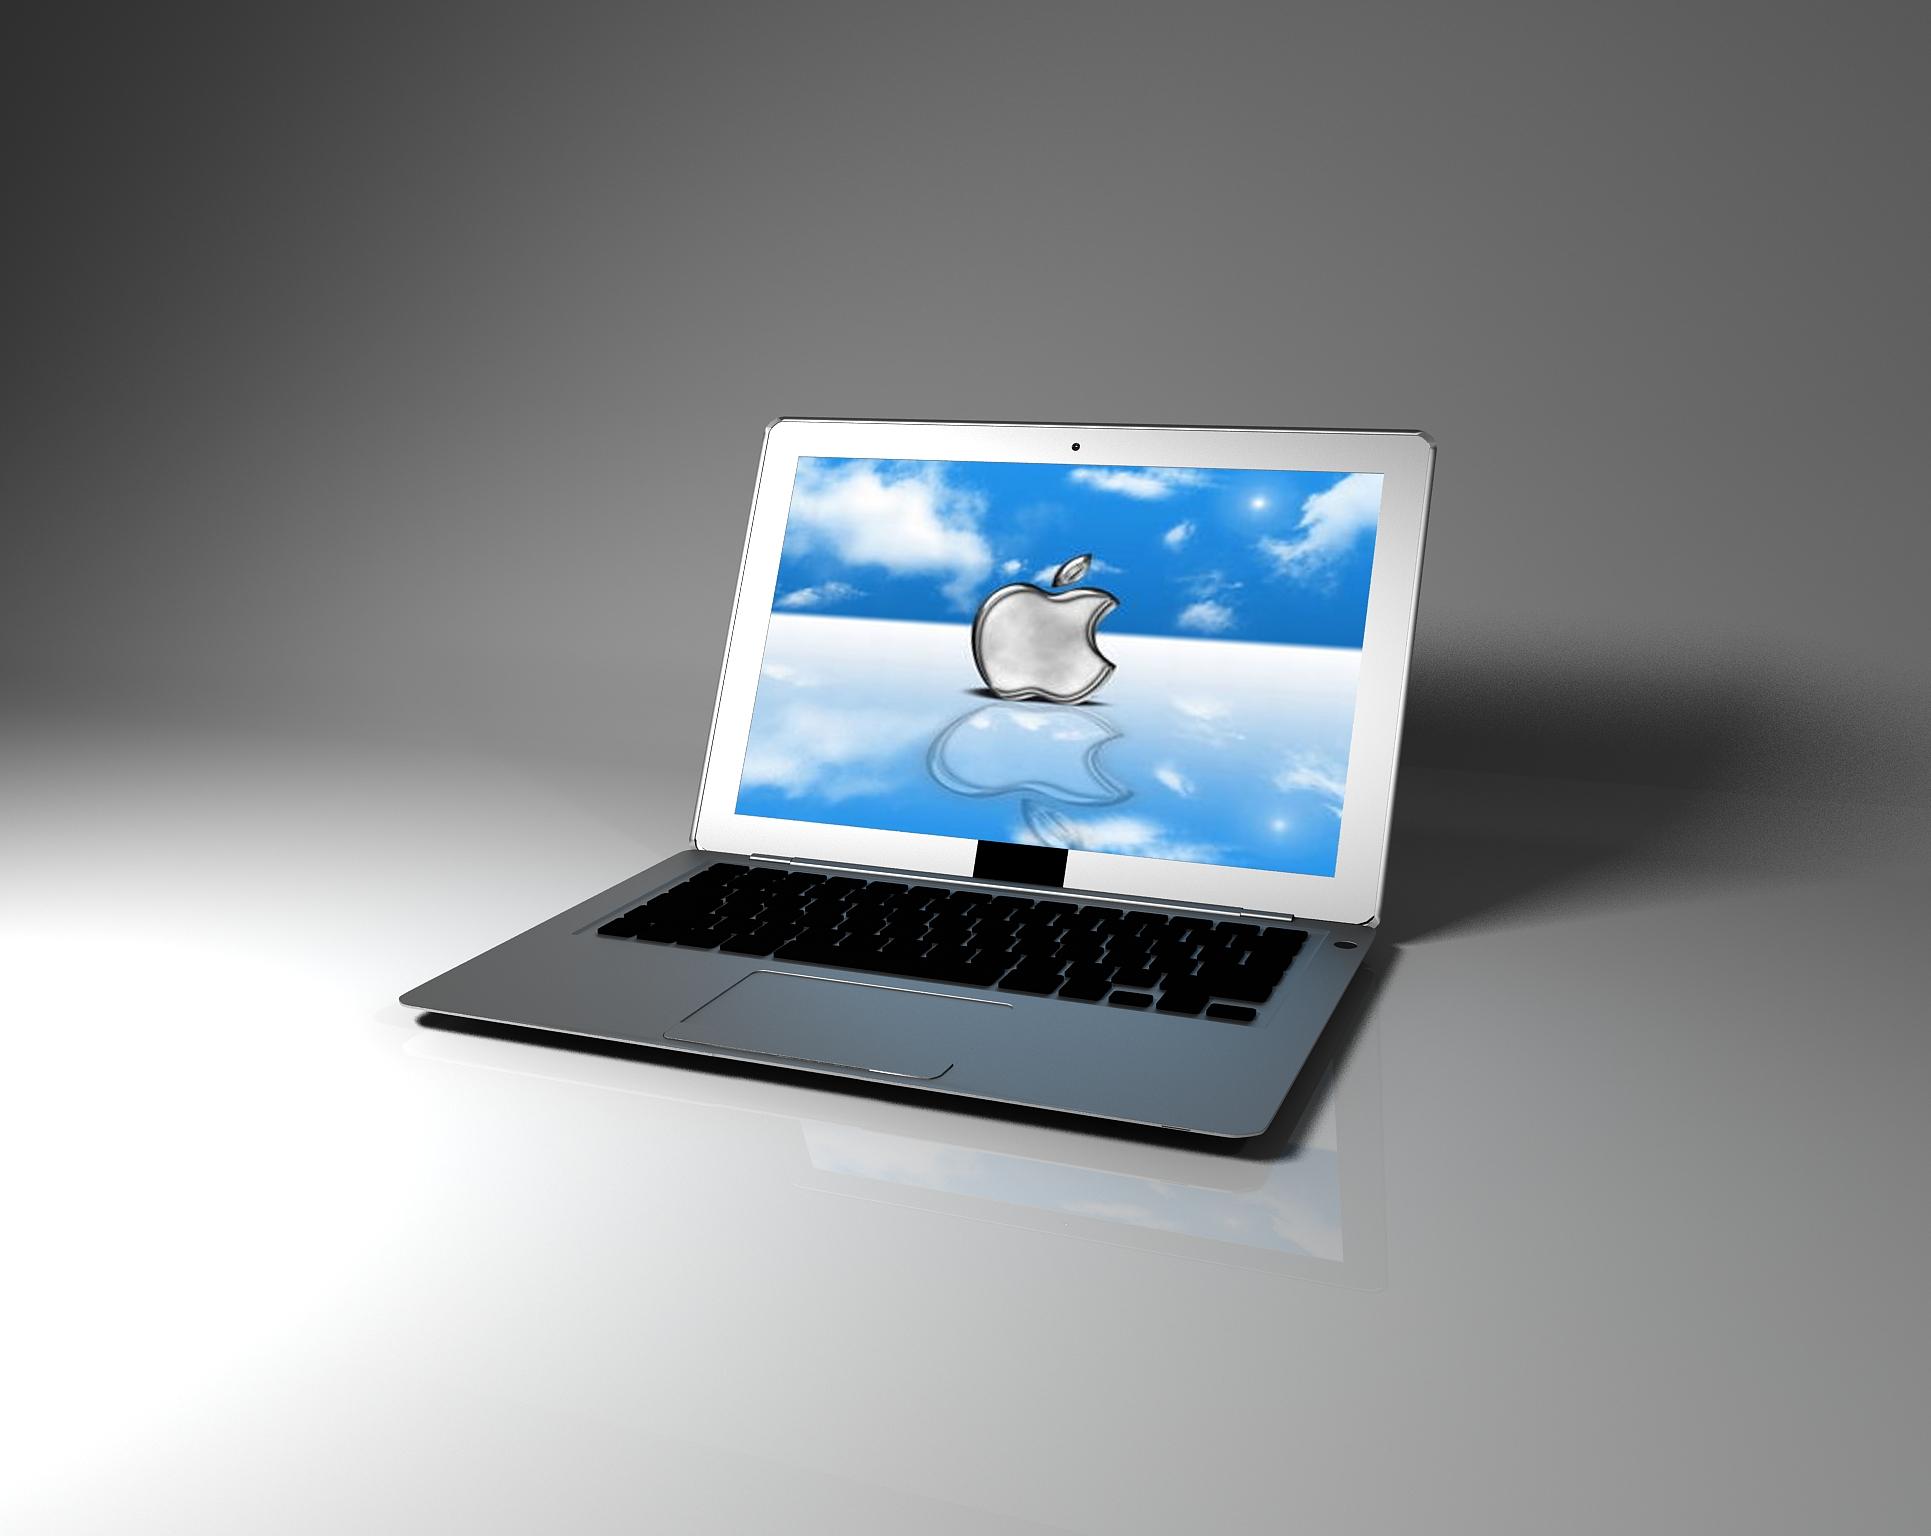 macbook苹果笔记本电脑